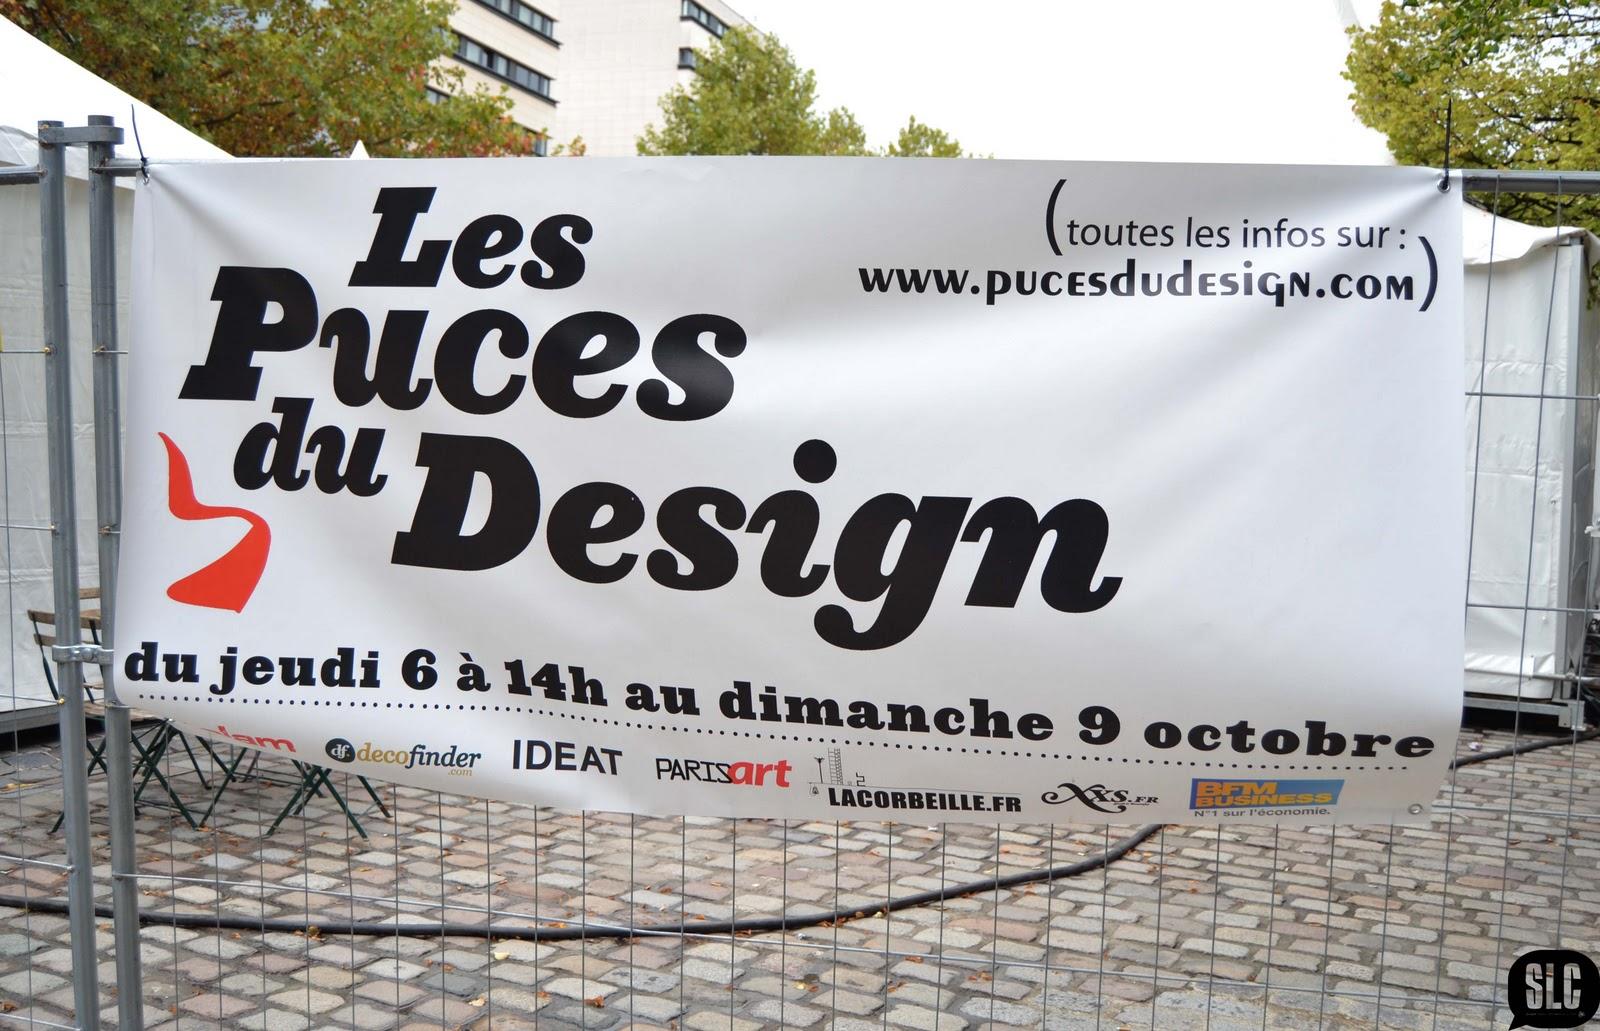 Susie lou crabouillage for Les puces du design